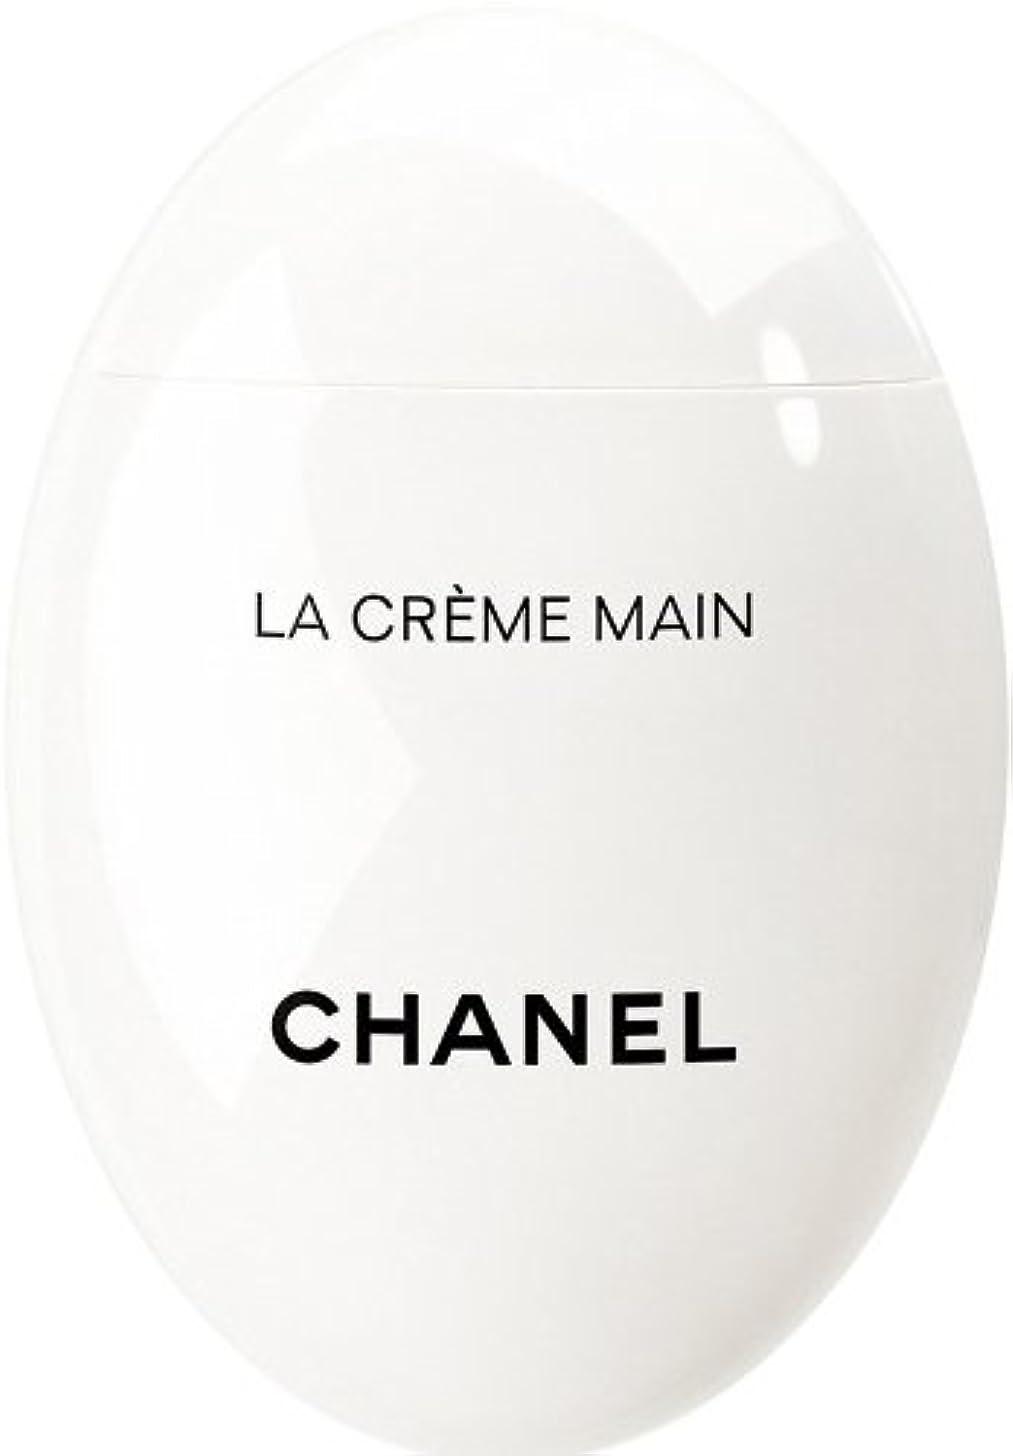 入力ヘッドレス混乱CHANEL LA CRÈME MAIN シャネル ラ クレーム マン ハンドクリーム 50ml